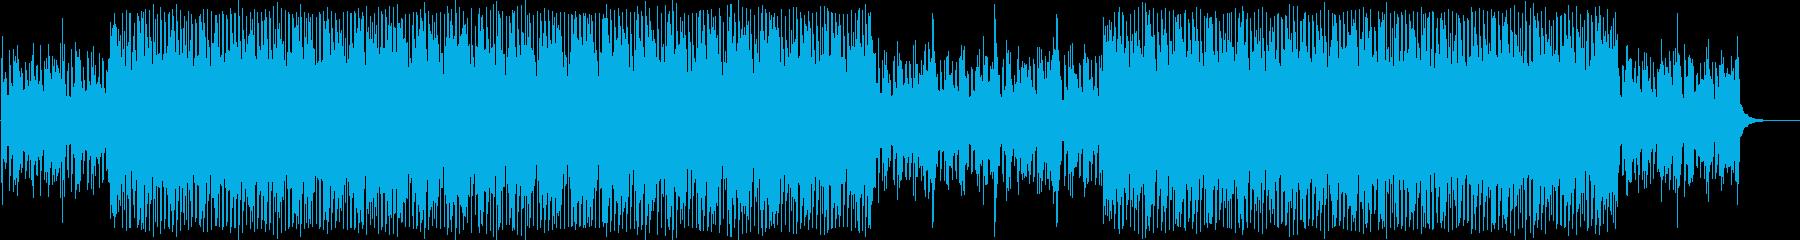 ミステリアスな雰囲気のEDMの再生済みの波形